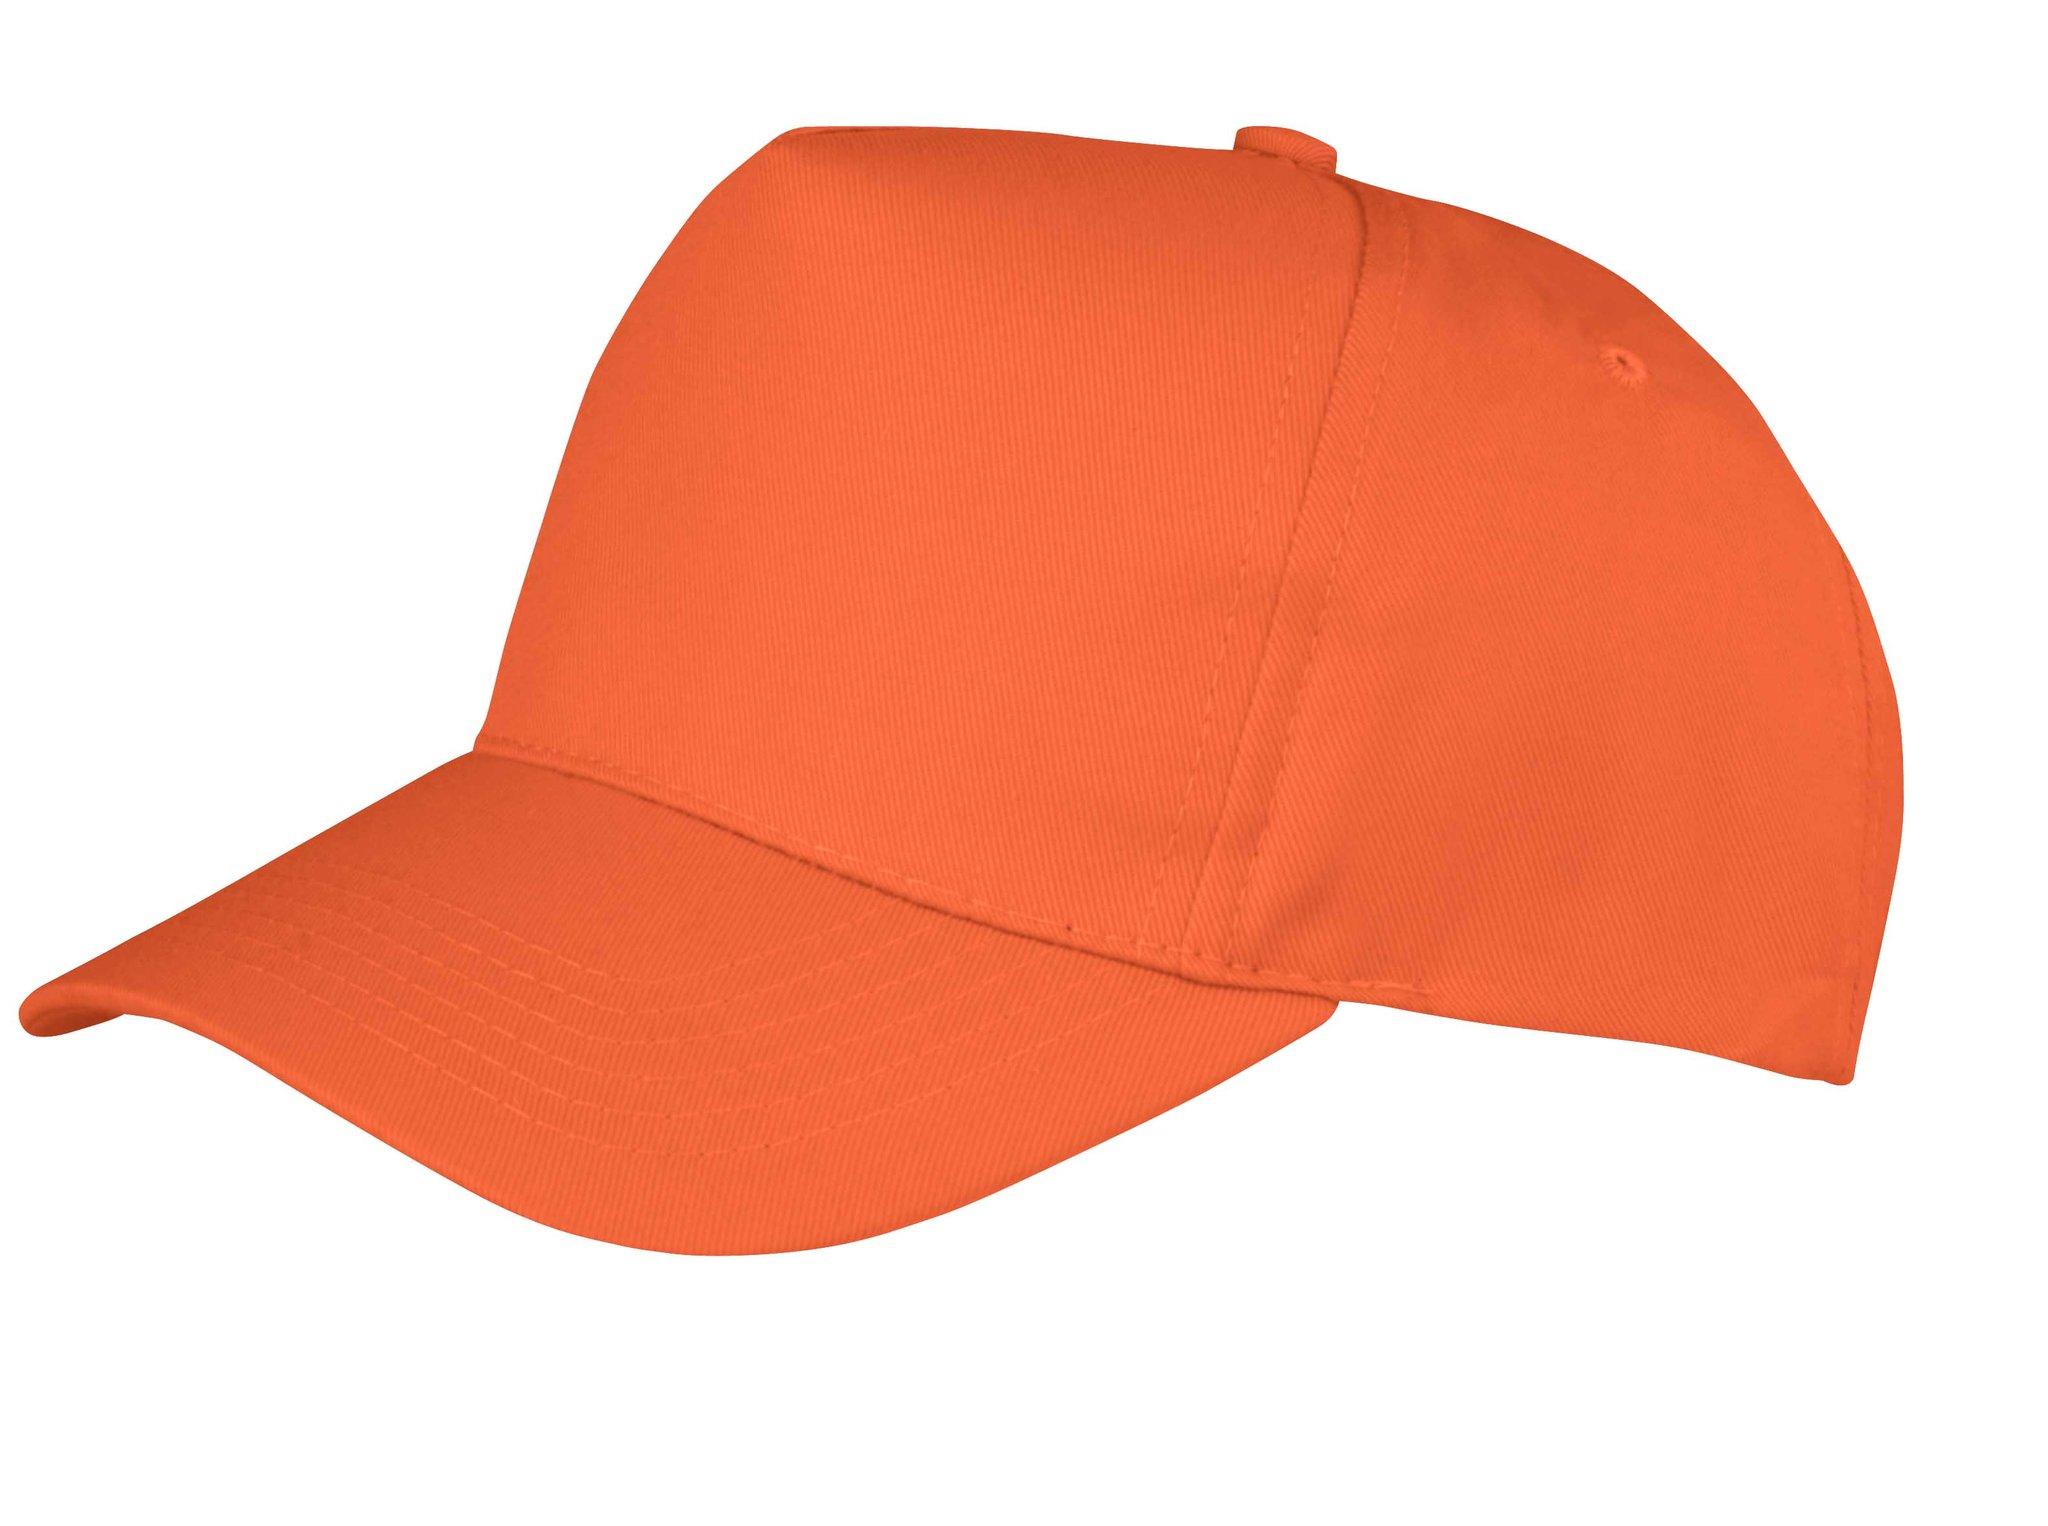 Casquette personnalisable Boston - casquette promotionnelle